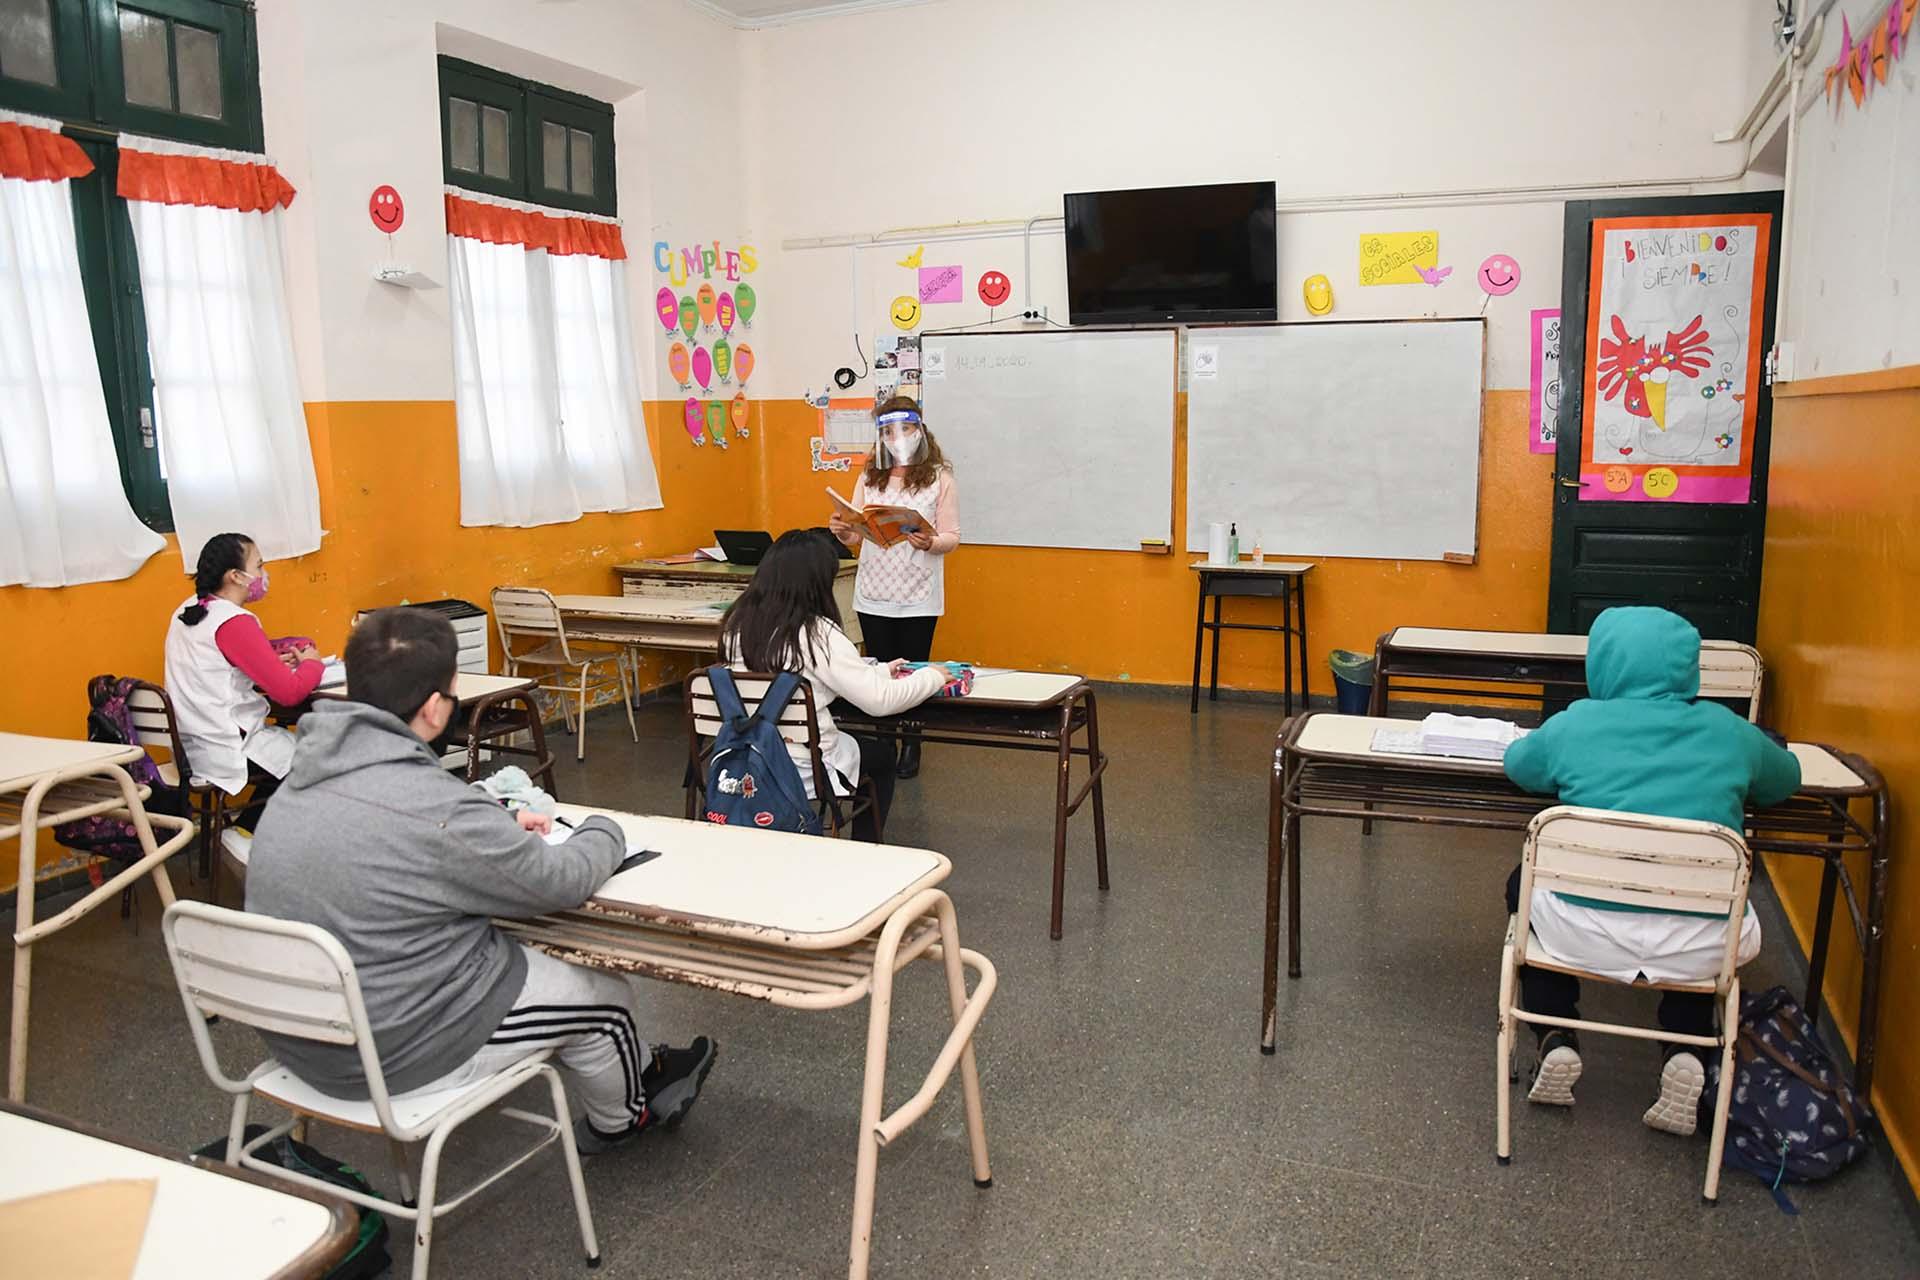 En septiembre, las clases presenciales también se reanudaron en forma parcial en la mayor parte del territorio de La Pampa, con estrictos protocolos y prioridad para los alumnos con los que no se pudo mantener el vínculo pedagógico a través de la modalidad virtual implementada por la pandemia del coronavirus